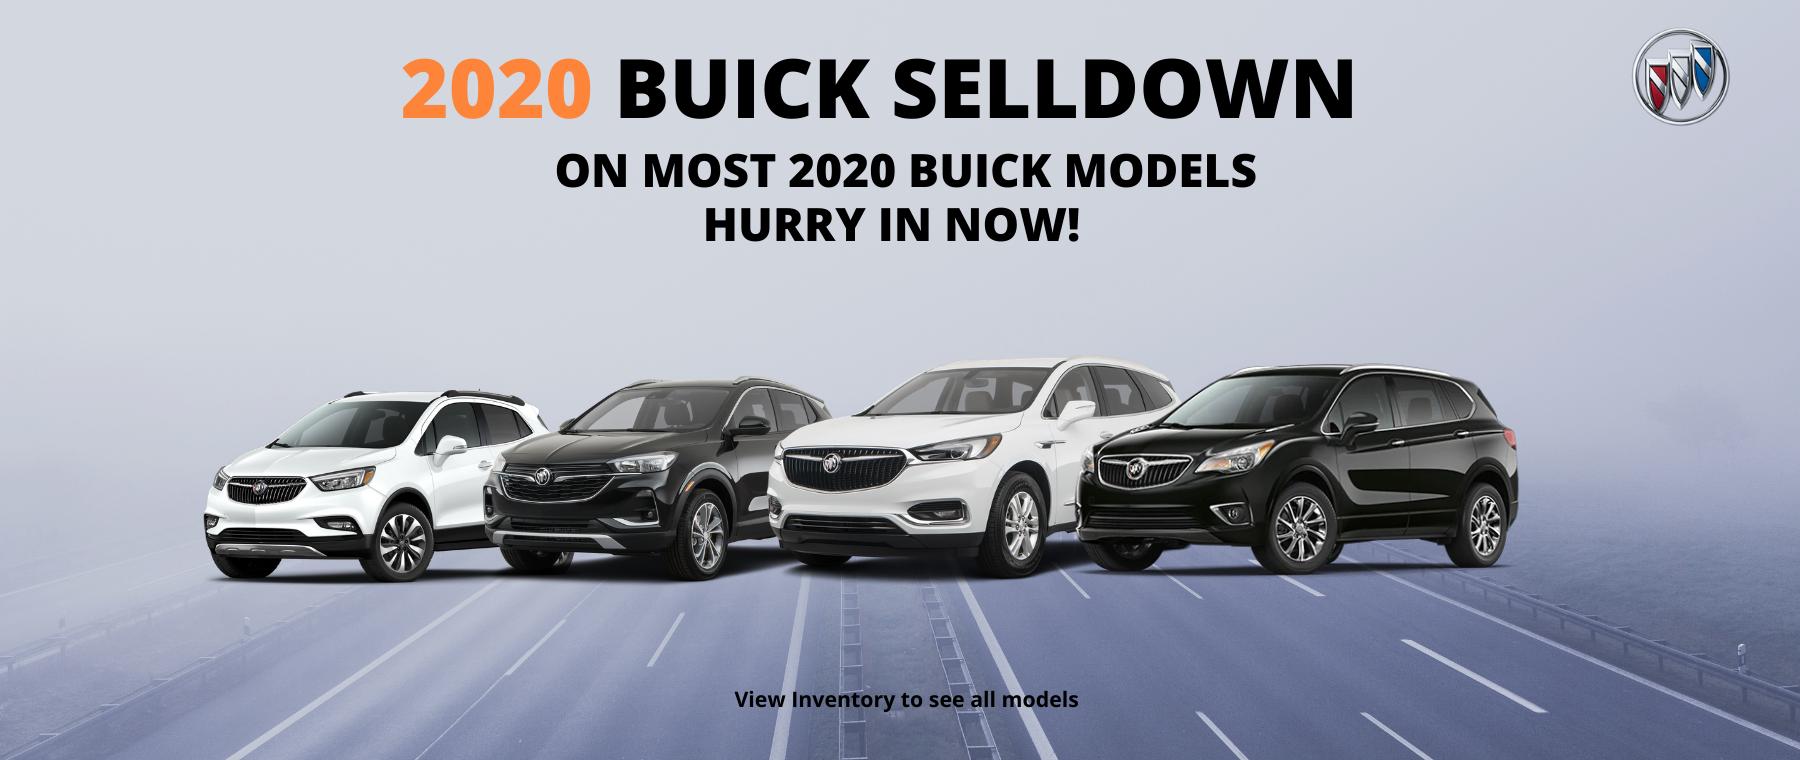 Buick Sell Down (DI) (1) (1)